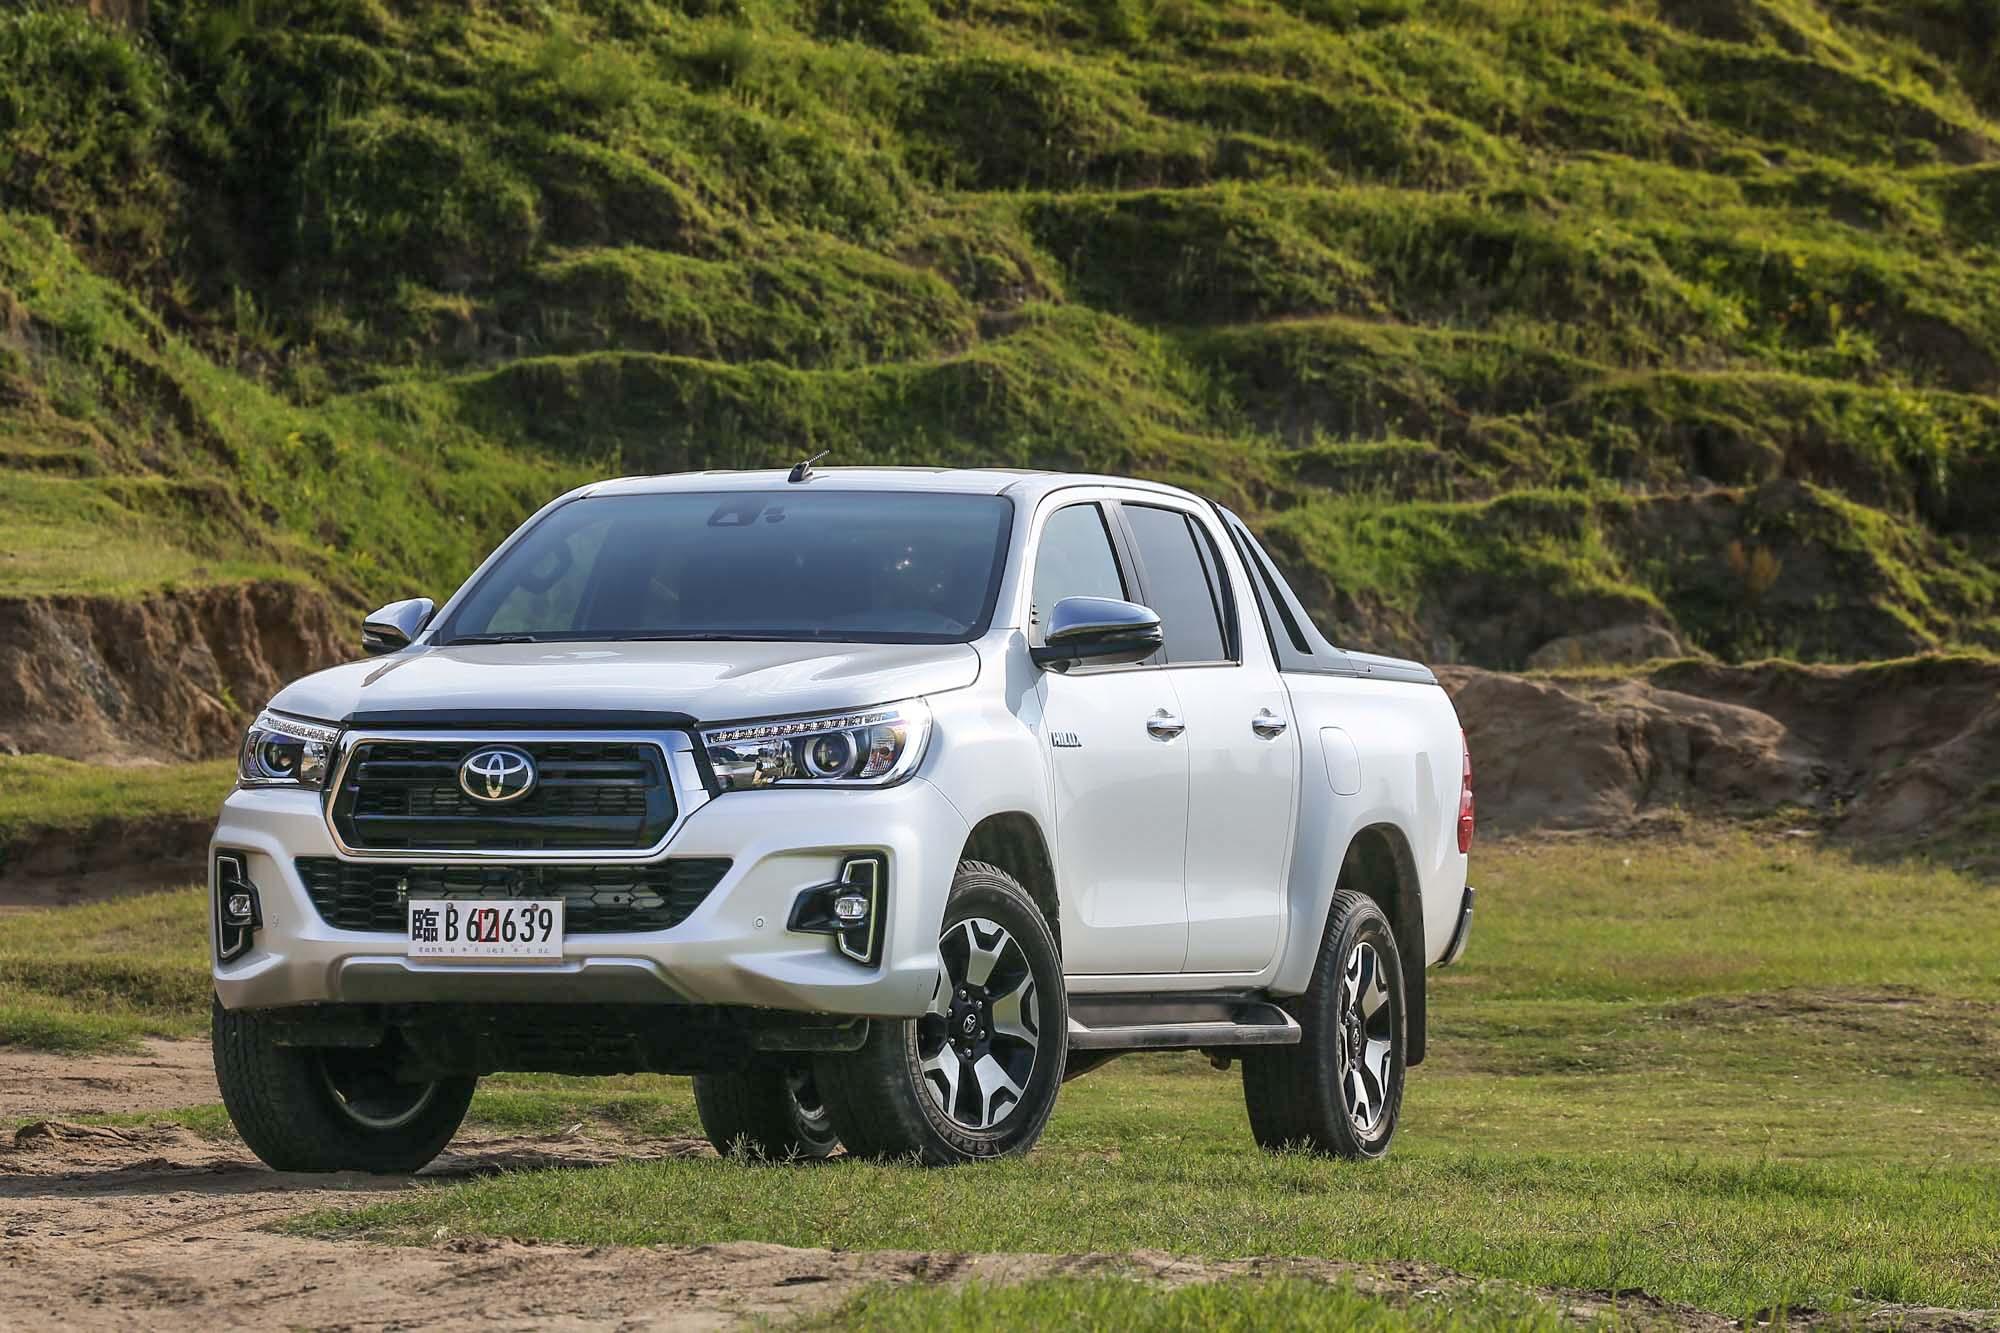 新引進的 Toyota Hilux 採單一車型設定,售價為新台幣 136 萬元。